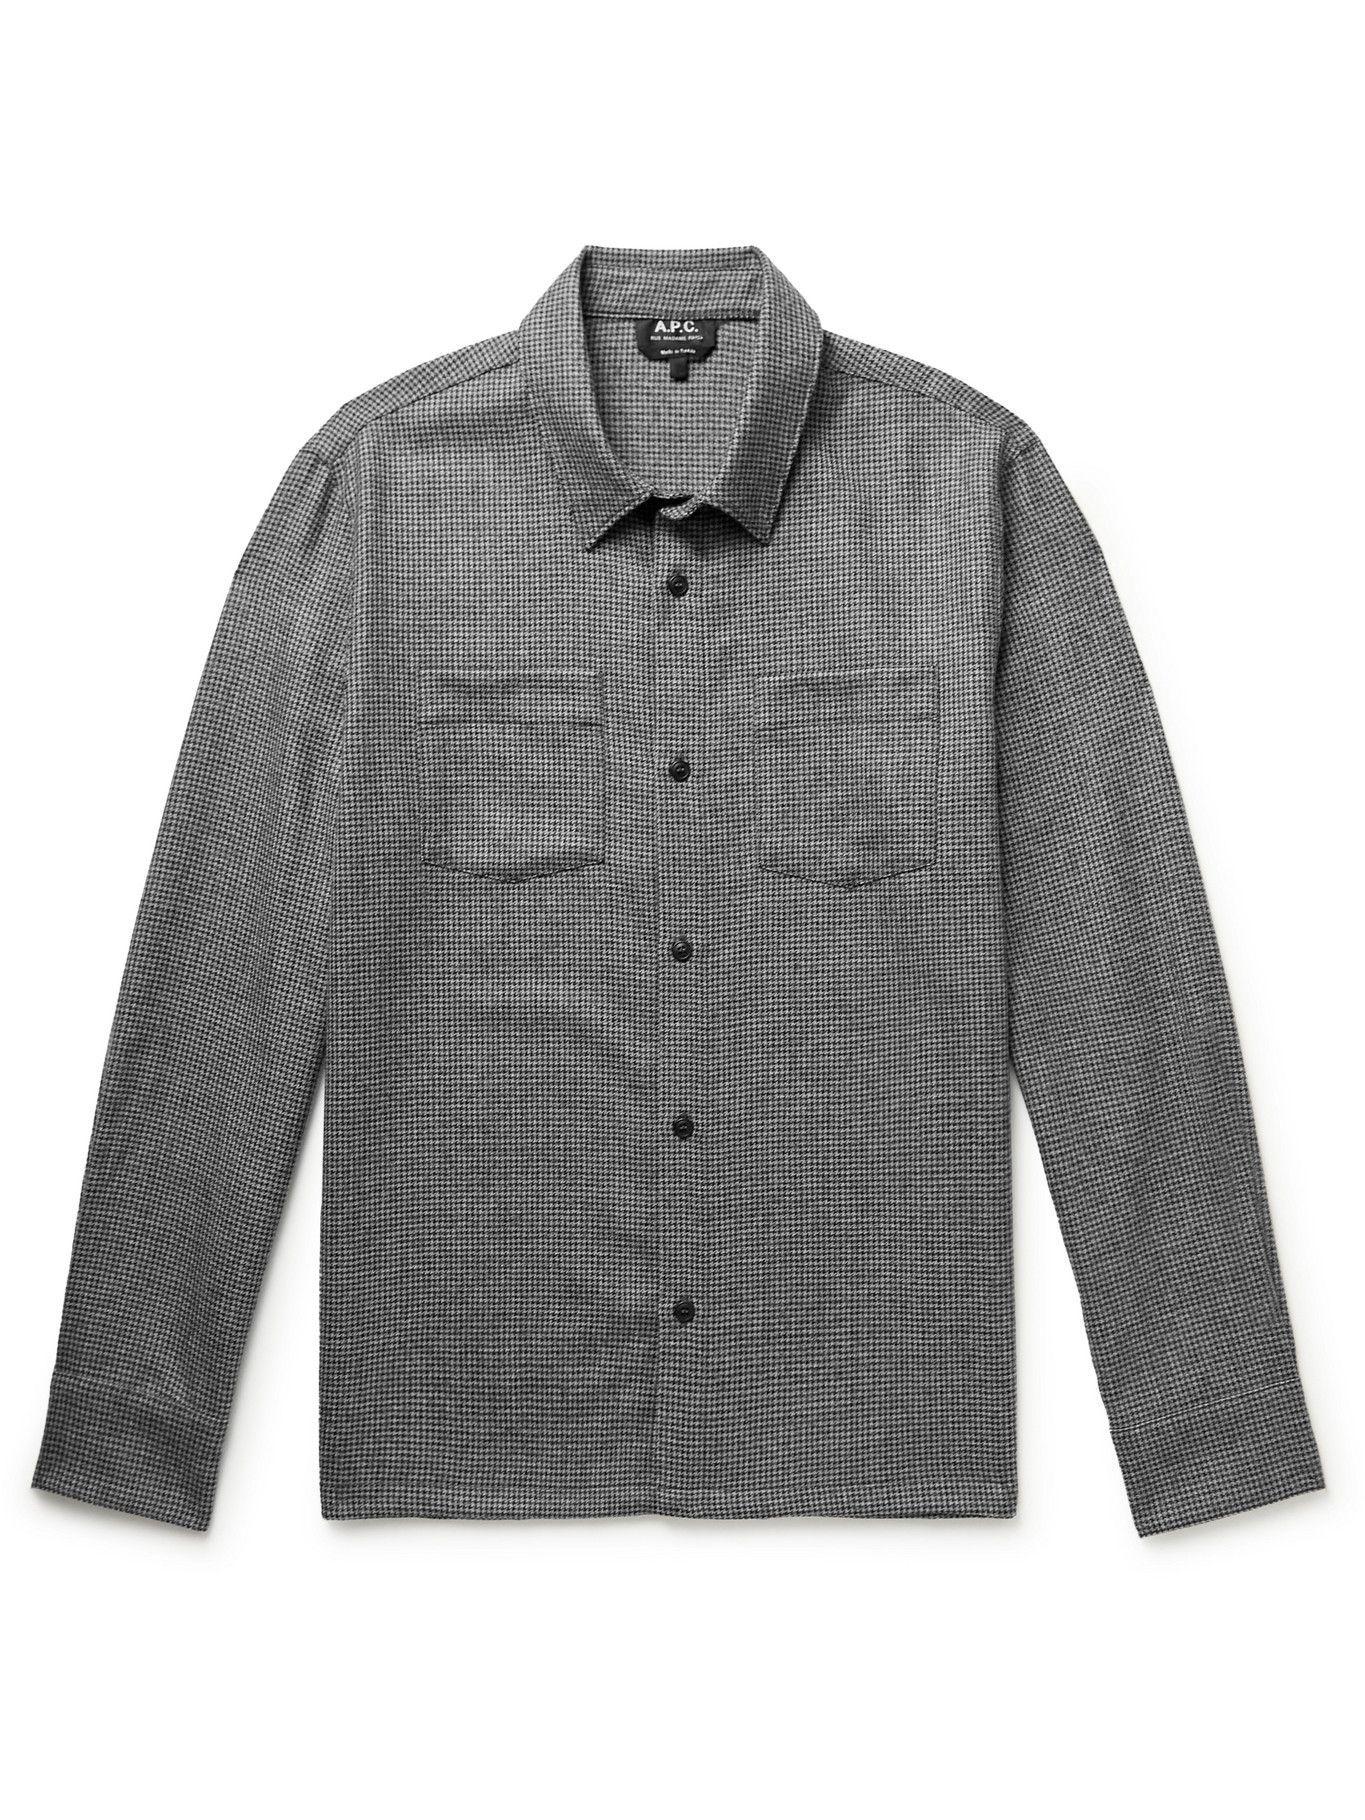 A.P.C. - Pepper Puppytooth Wool Overshirt - Black